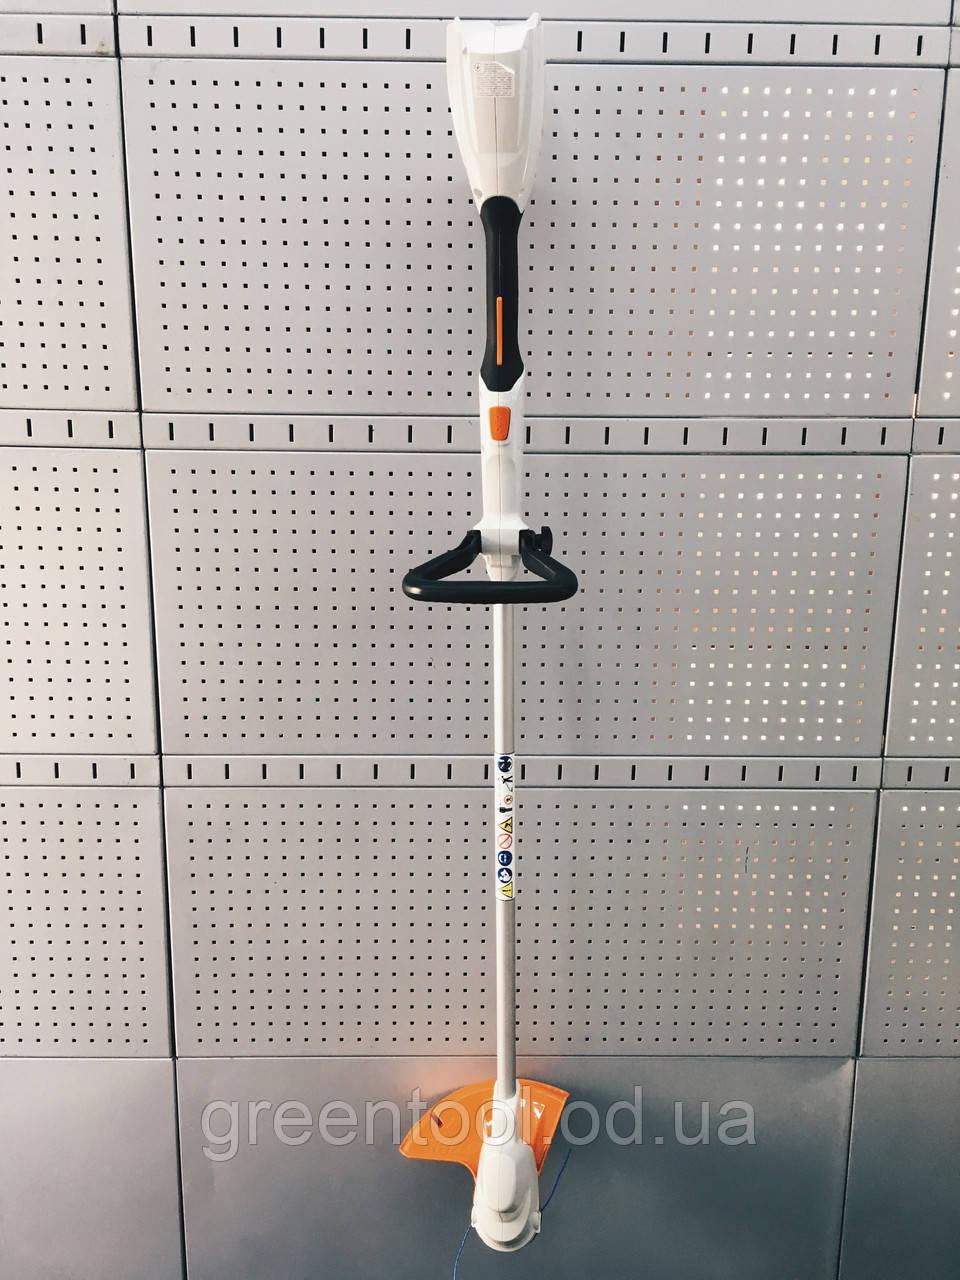 ТРИММЕР STIHL FSA 56 каркас + зарядное устройство AL 101 + аккумулятор AP10